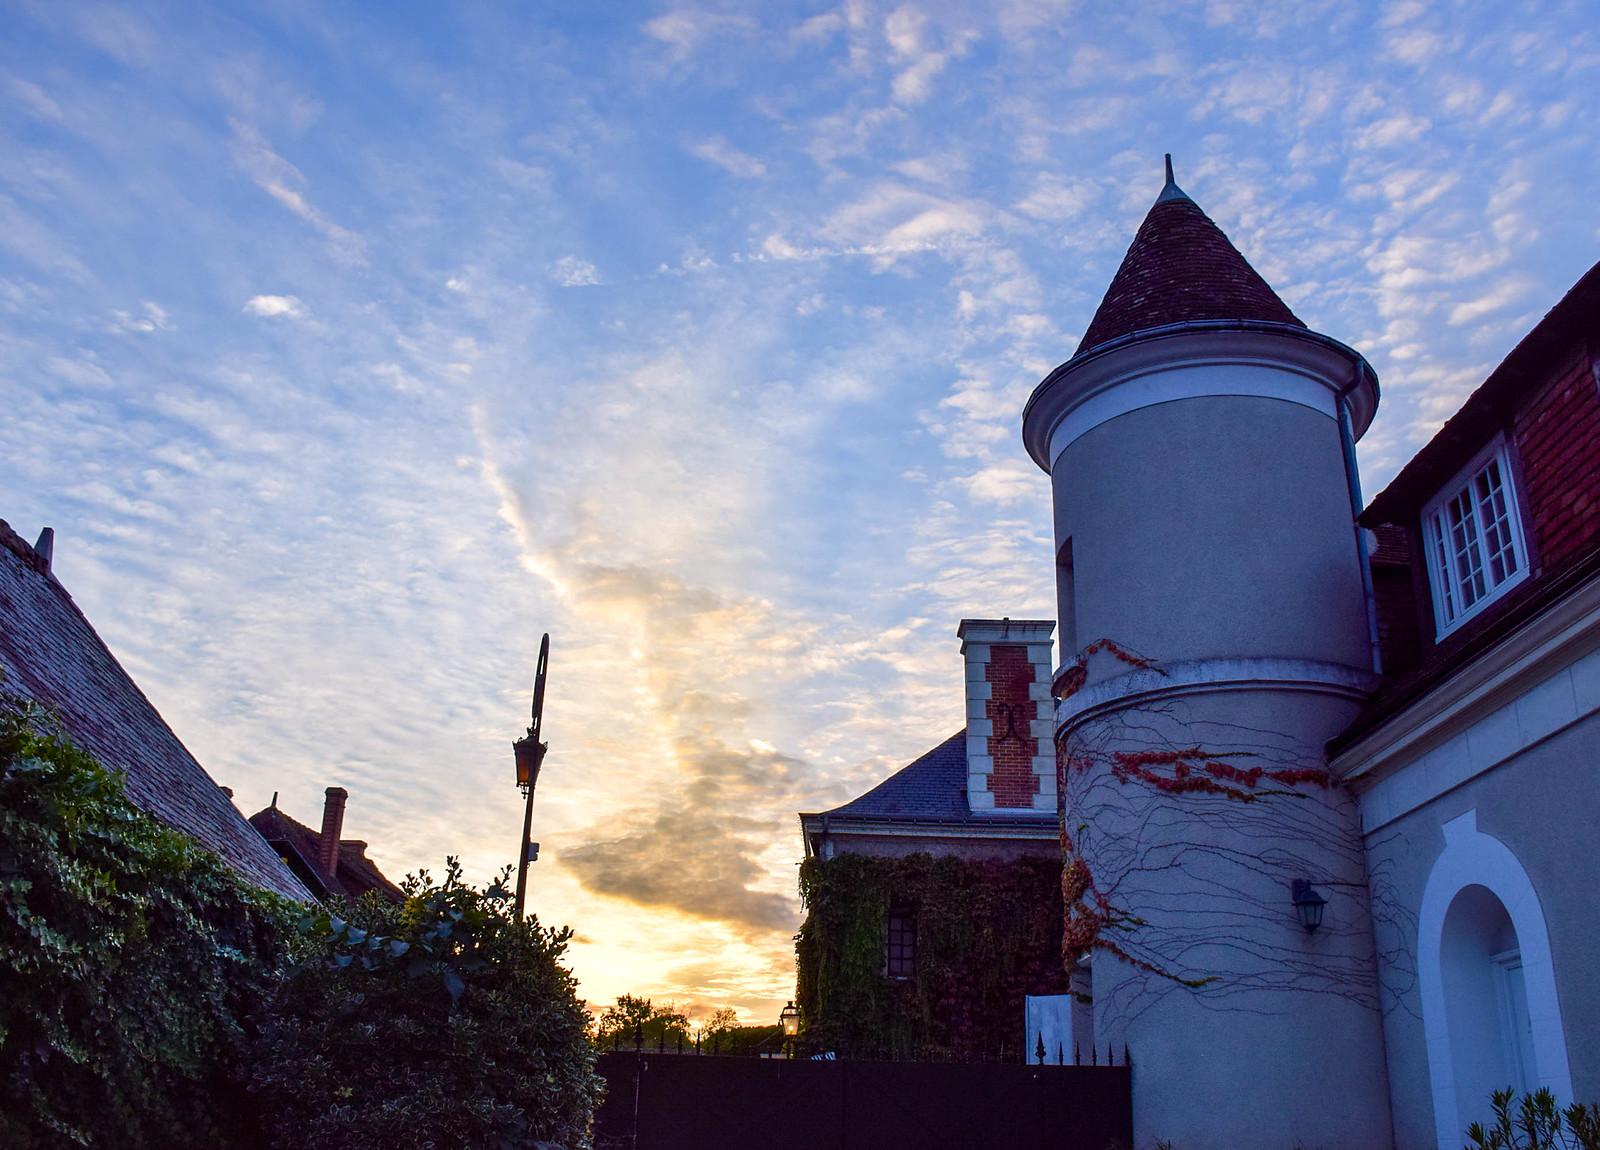 Auberge du Bon Laboureur, Chenonceaux, Loire Valley, France